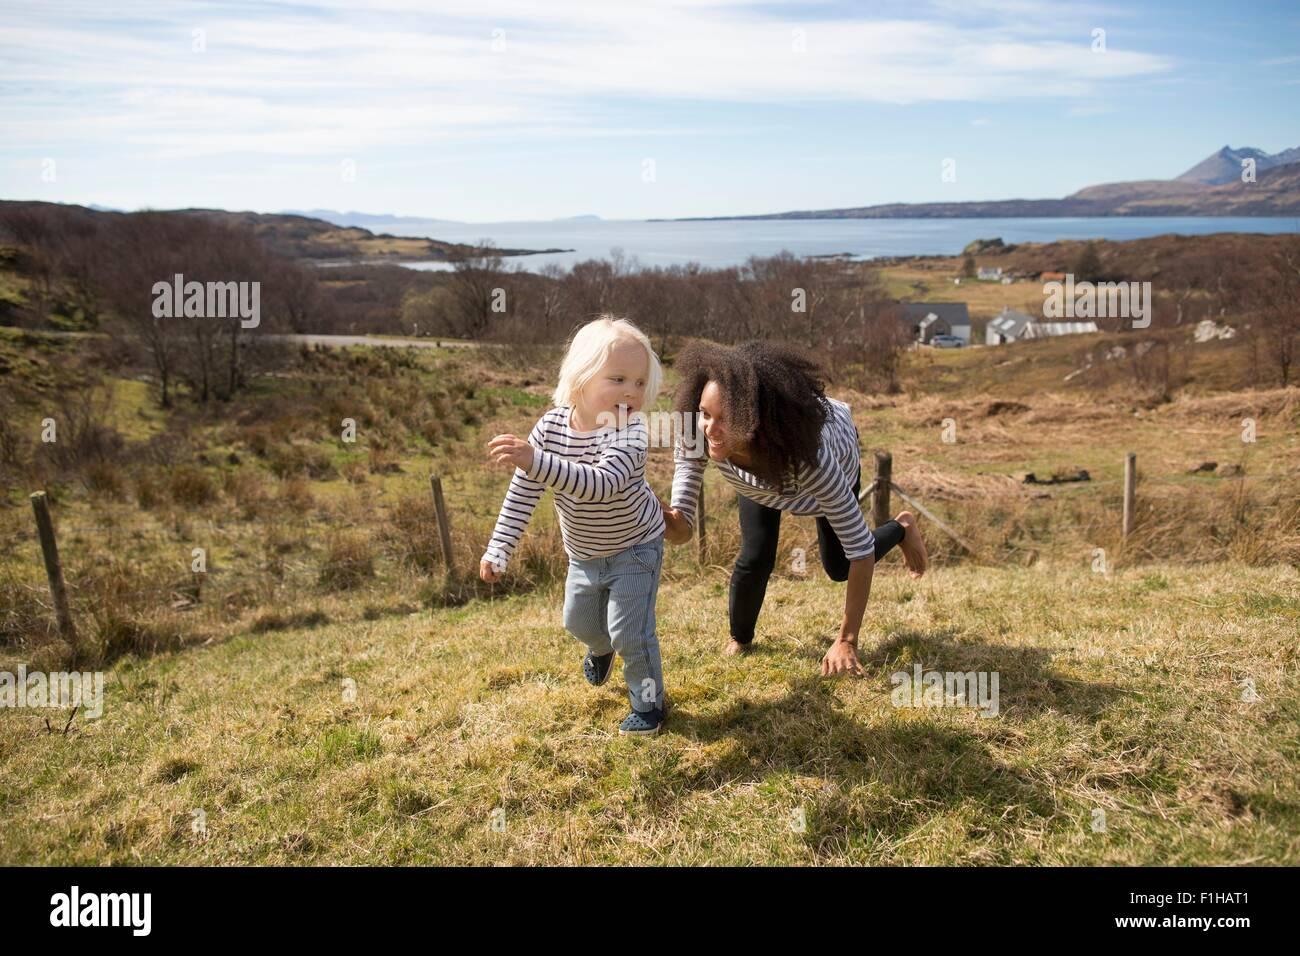 Mère fils chasse dans la zone, à l'île de Skye, Hébrides, Ecosse Banque D'Images